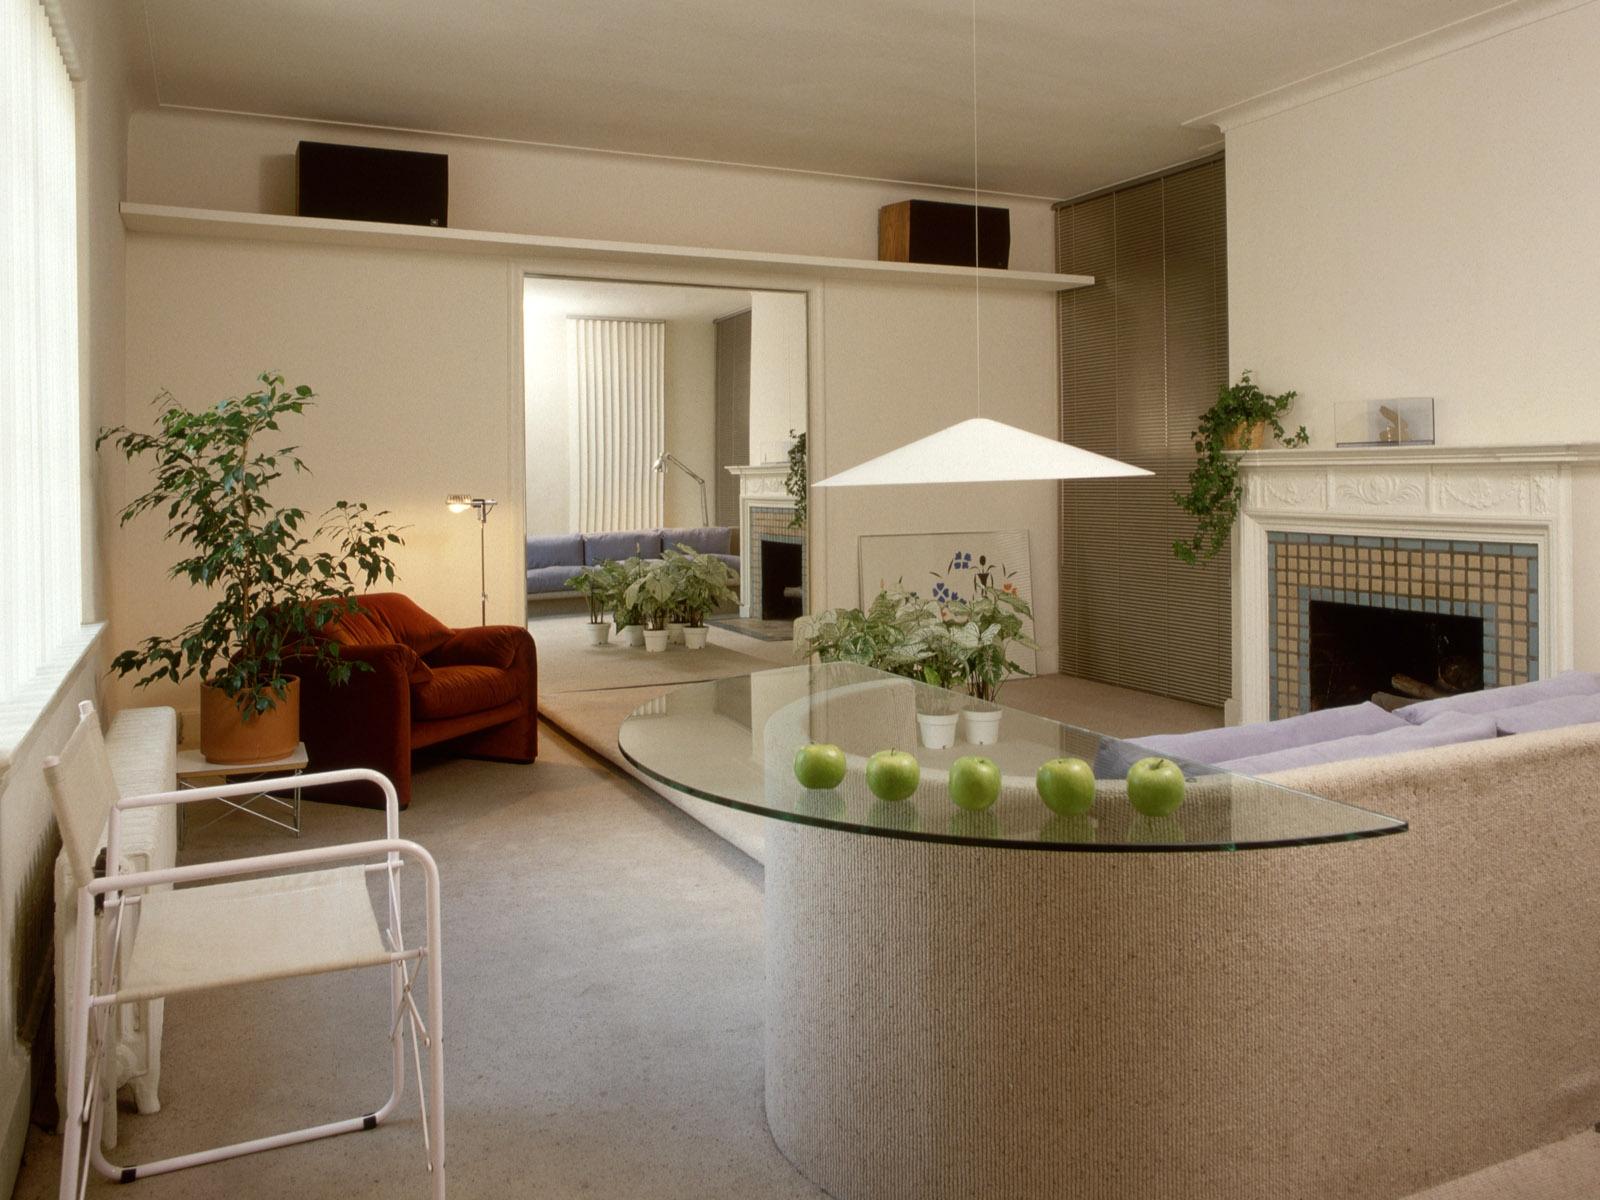 Hintergrundbilder : Zimmer, Tabelle, Haus, Küche, Innenarchitektur ...